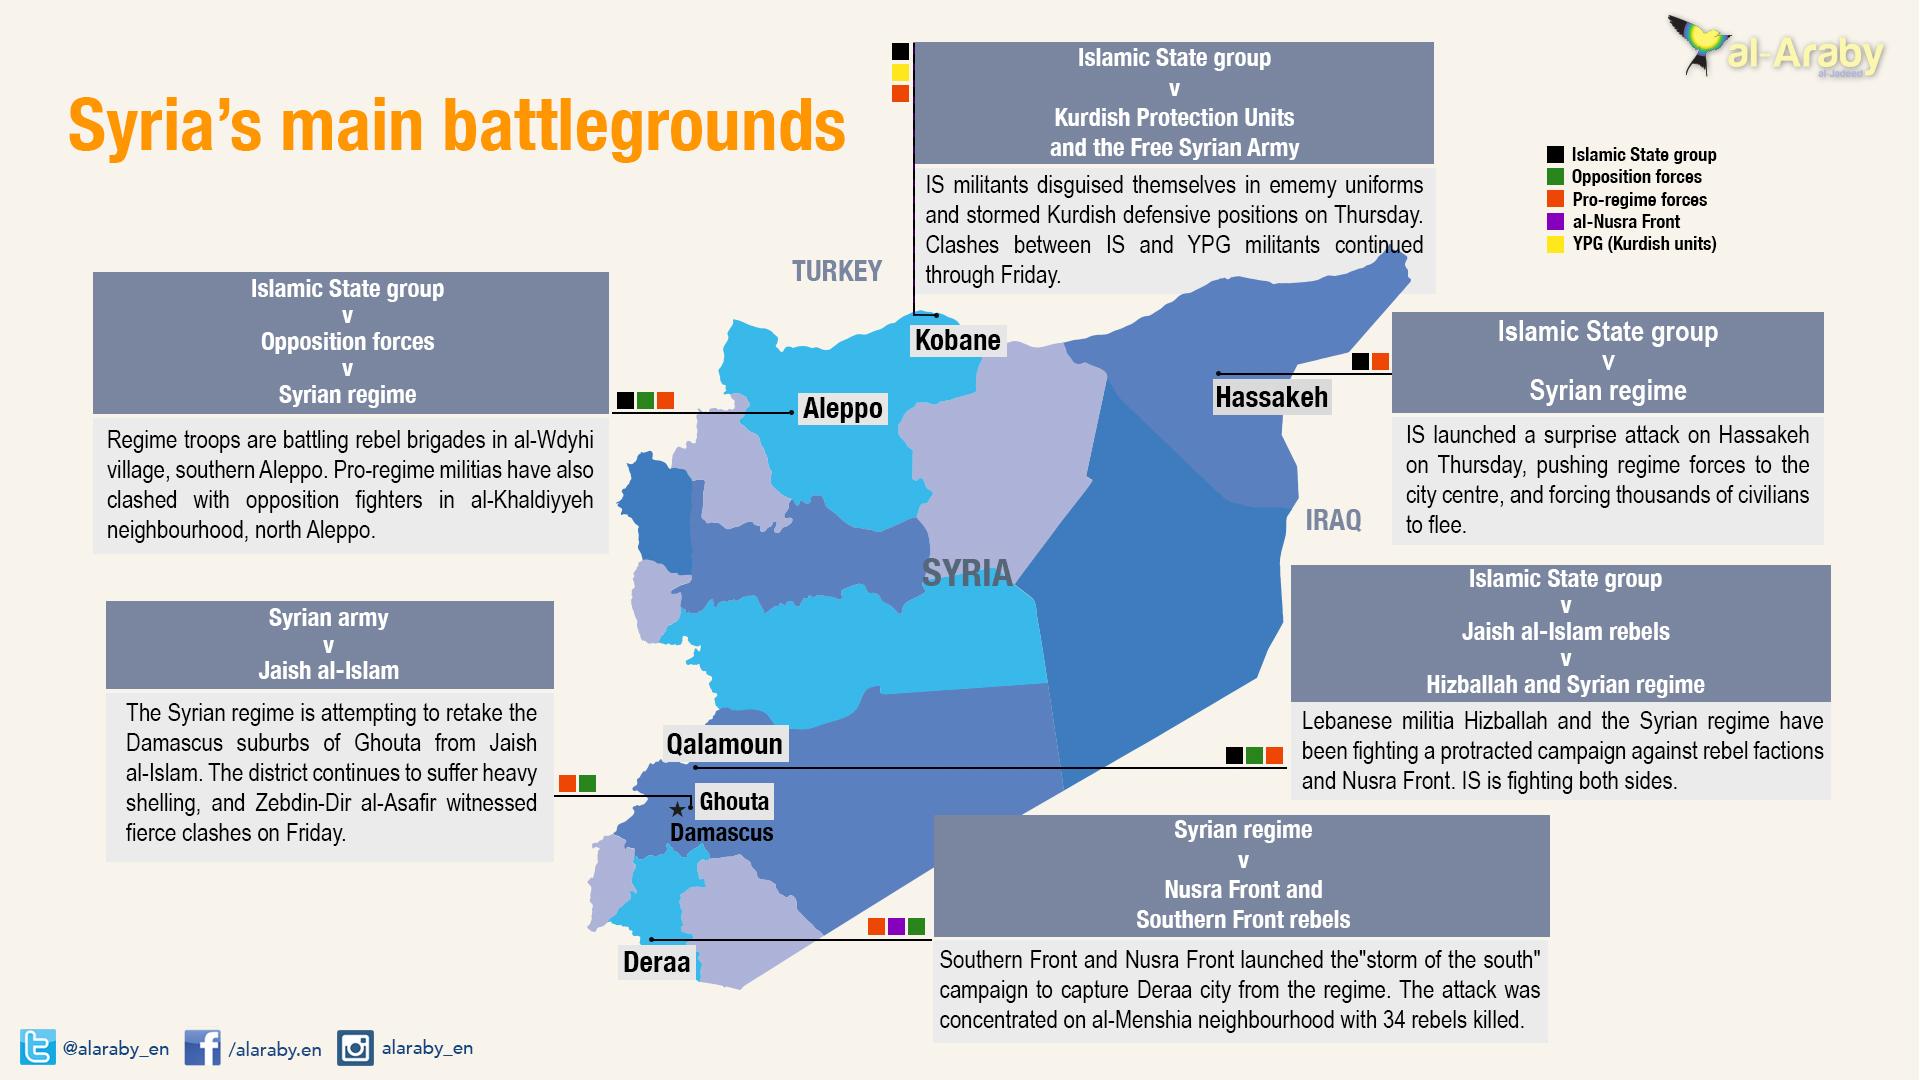 Principali fronti aperti in Siria. Credit to: Al-Araby